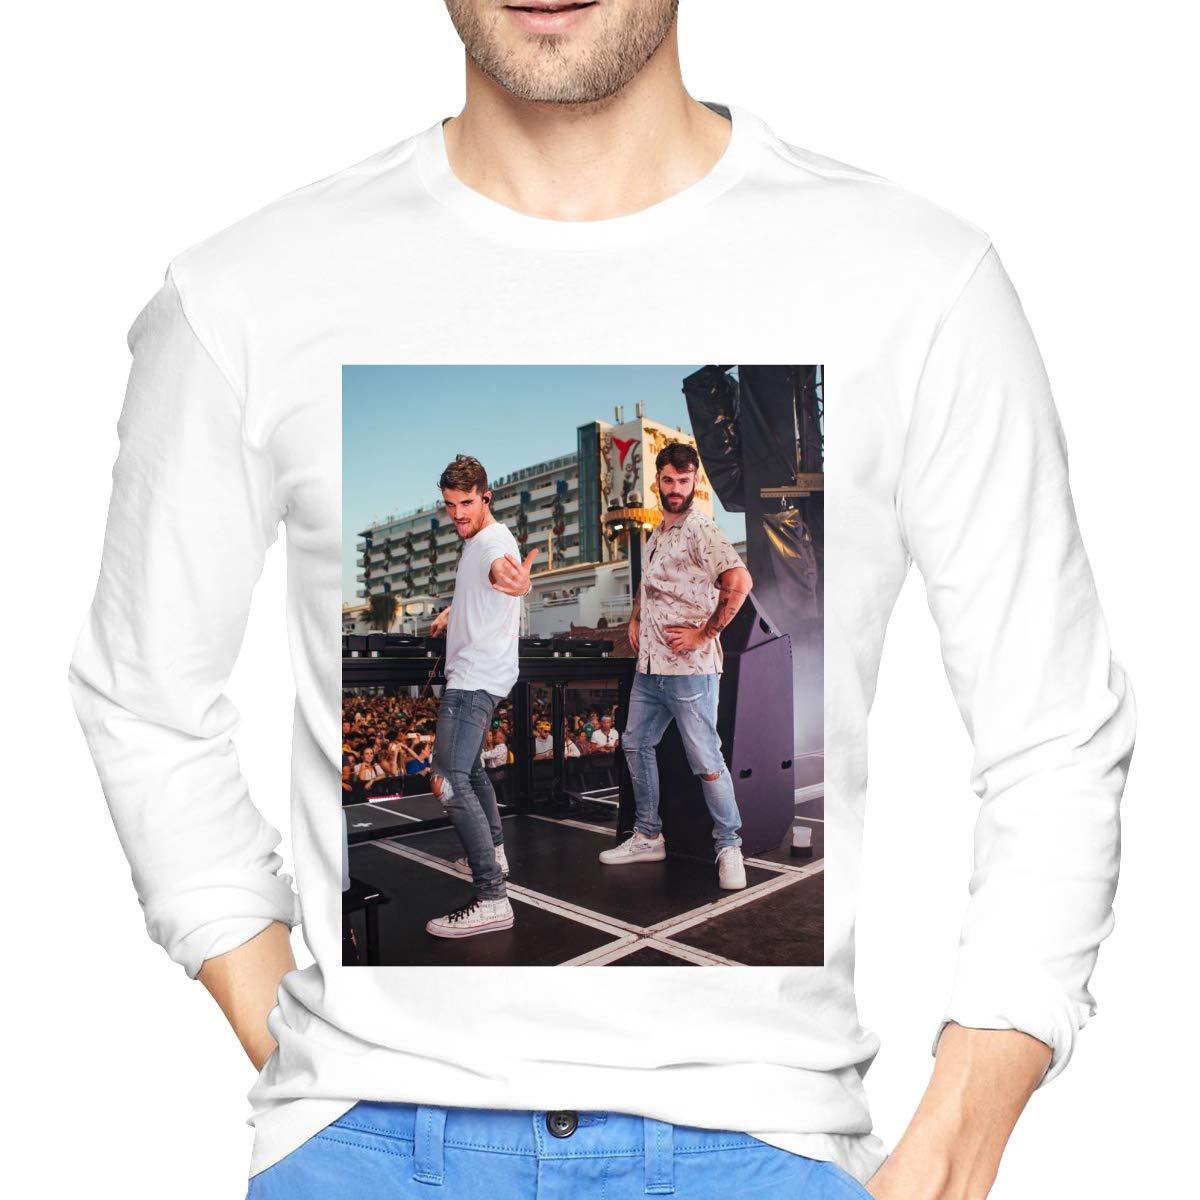 Lihehen Man The Chainsmokers Retro Printing Round Neck S Shirts